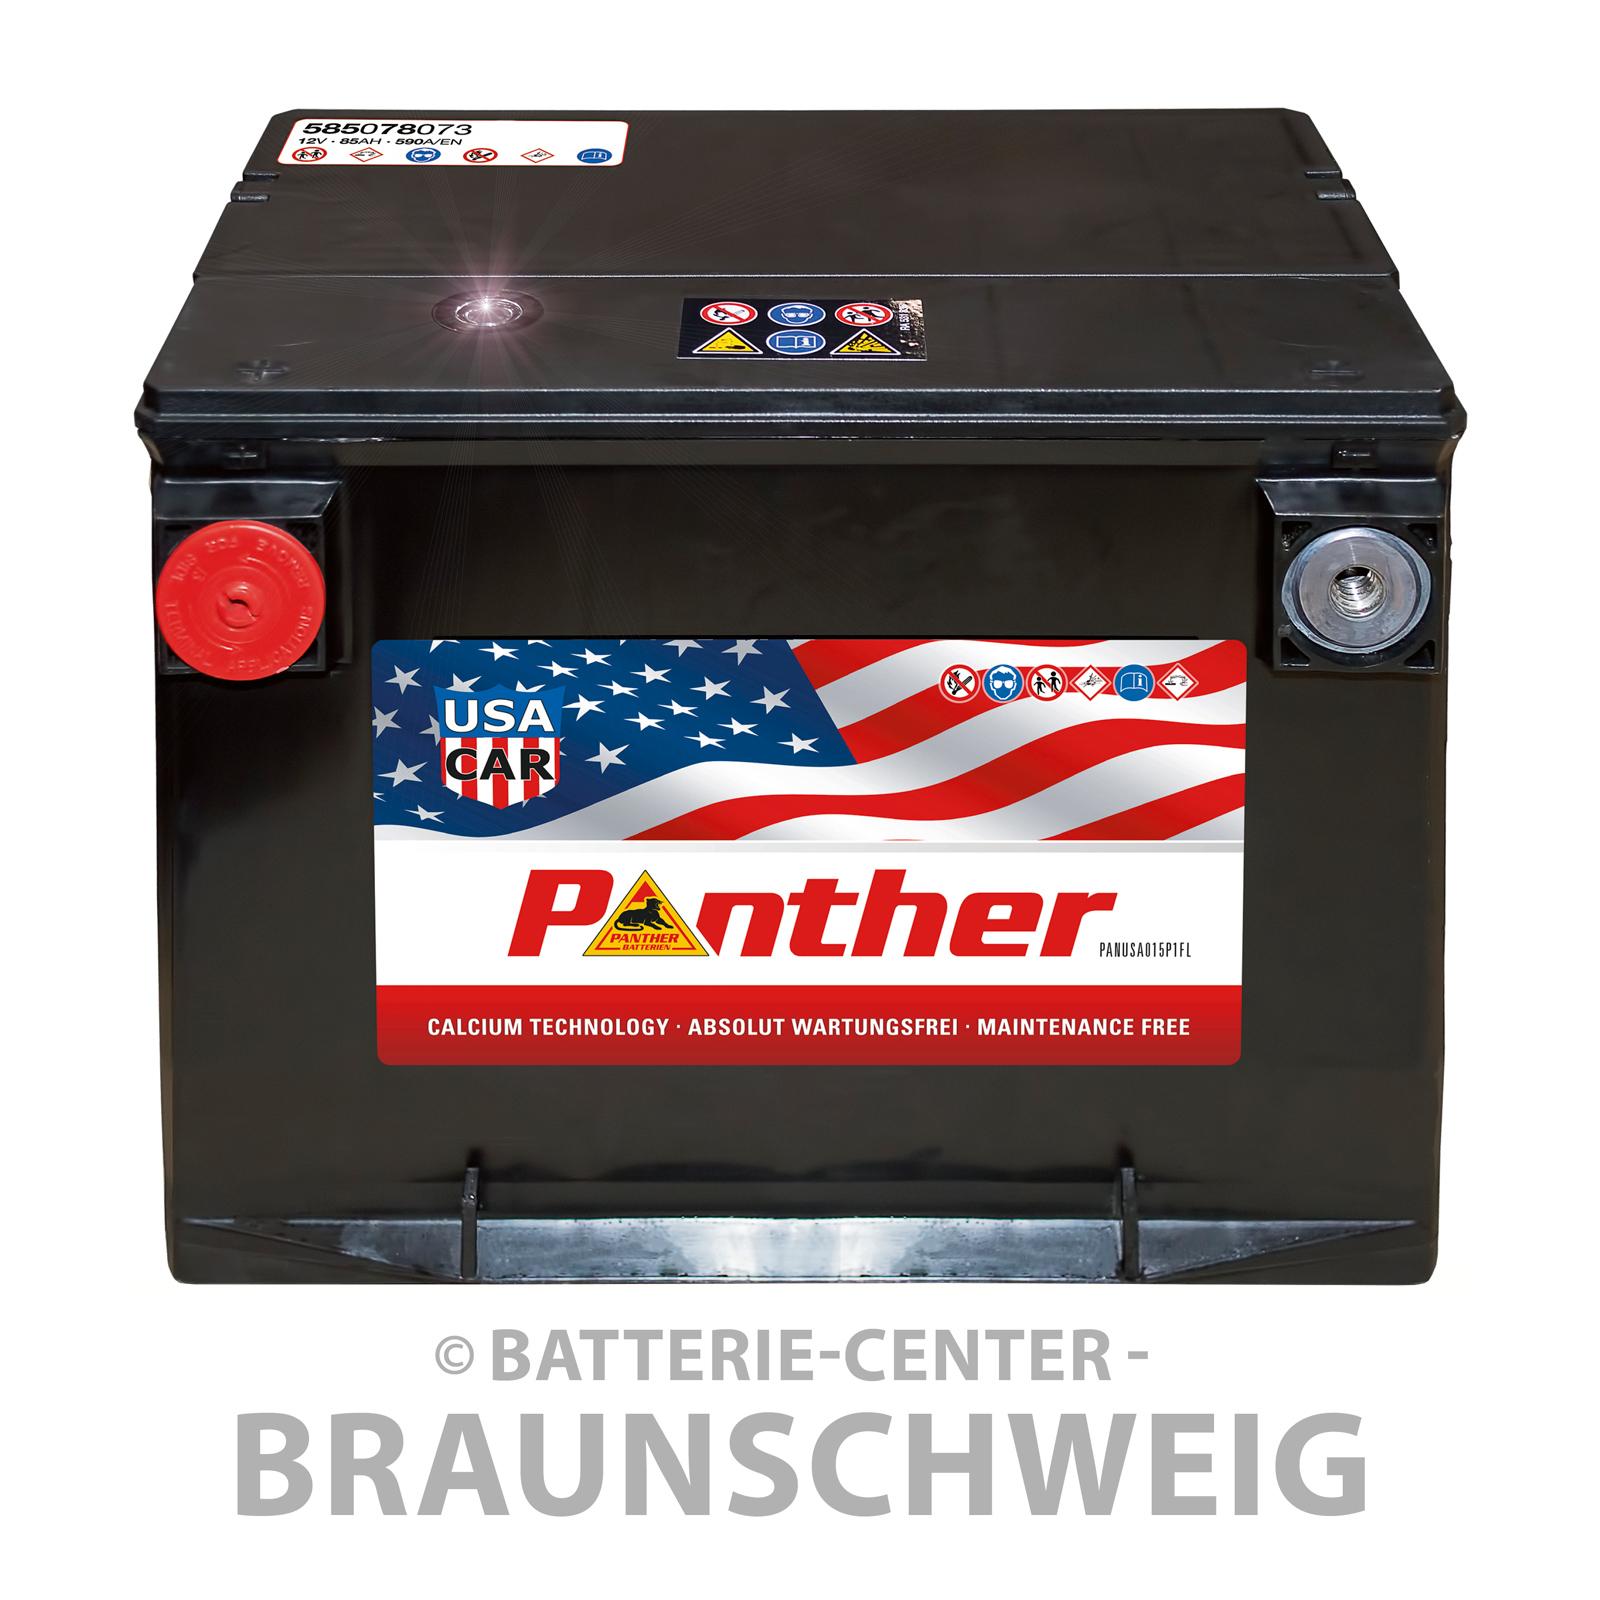 panther us car 12 v 85 ah starterbatterie kfz pkw us. Black Bedroom Furniture Sets. Home Design Ideas